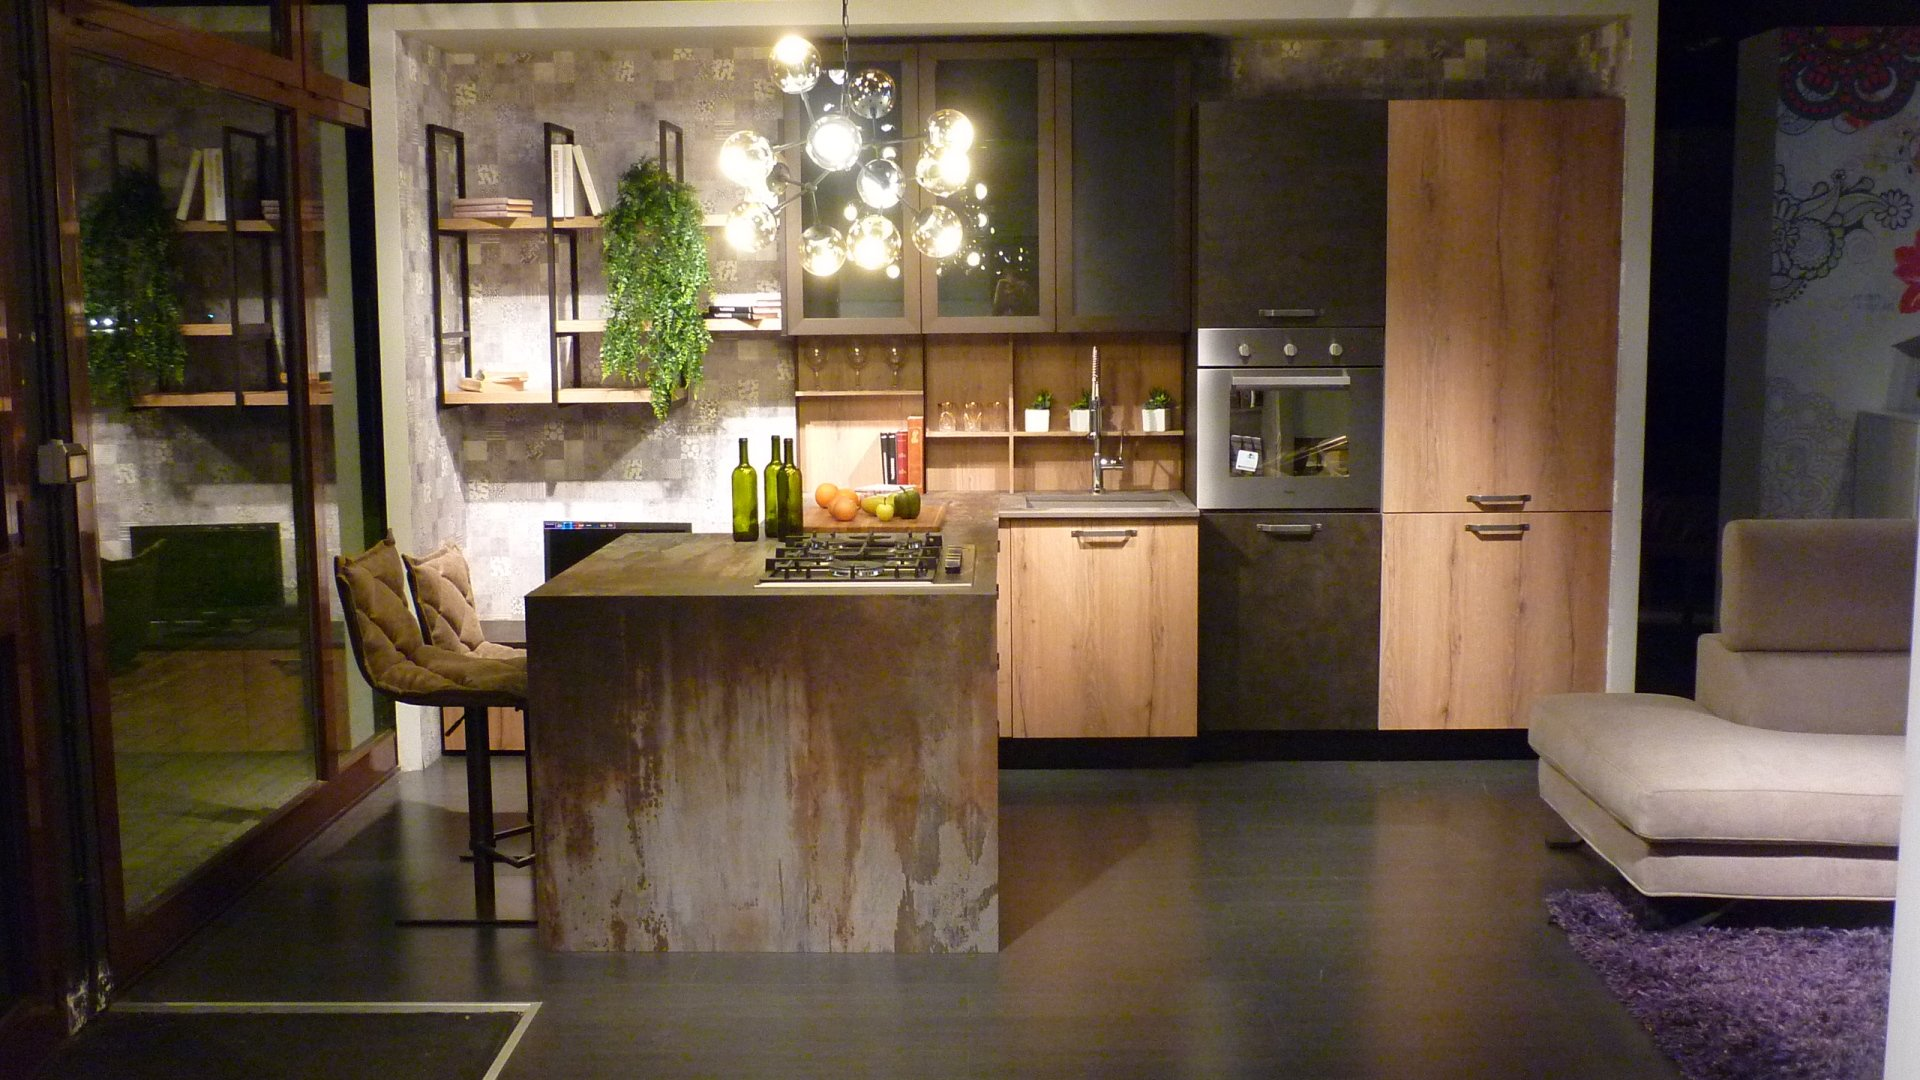 Cucine reggio emilia ambienti arredamenti pantaleoni for Mobili reggio emilia